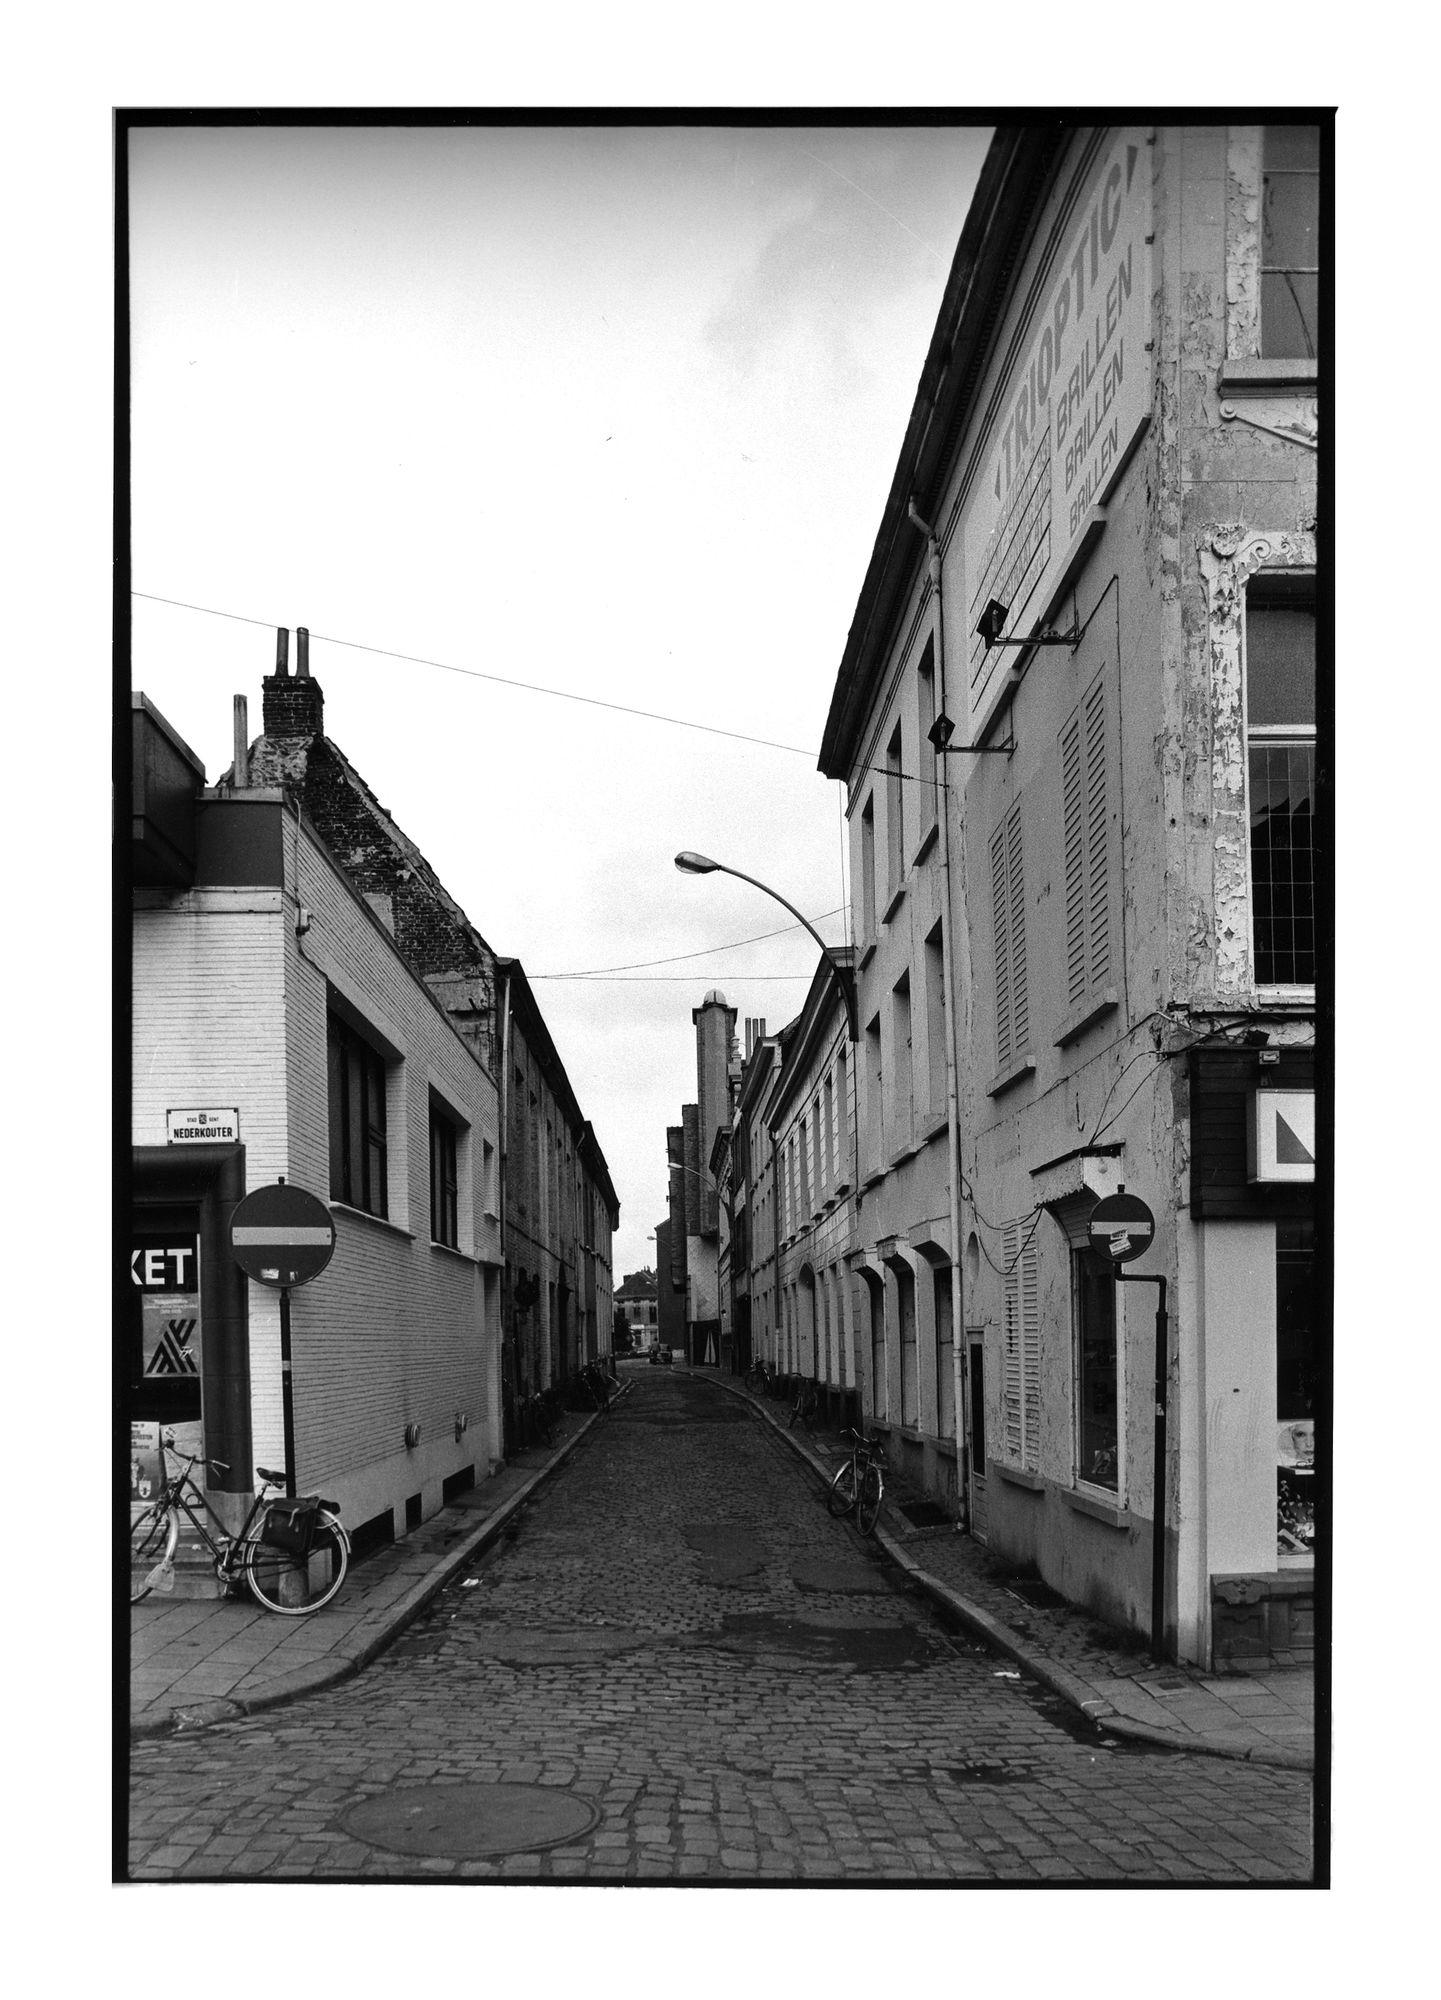 Ketelvest02_1979.jpg